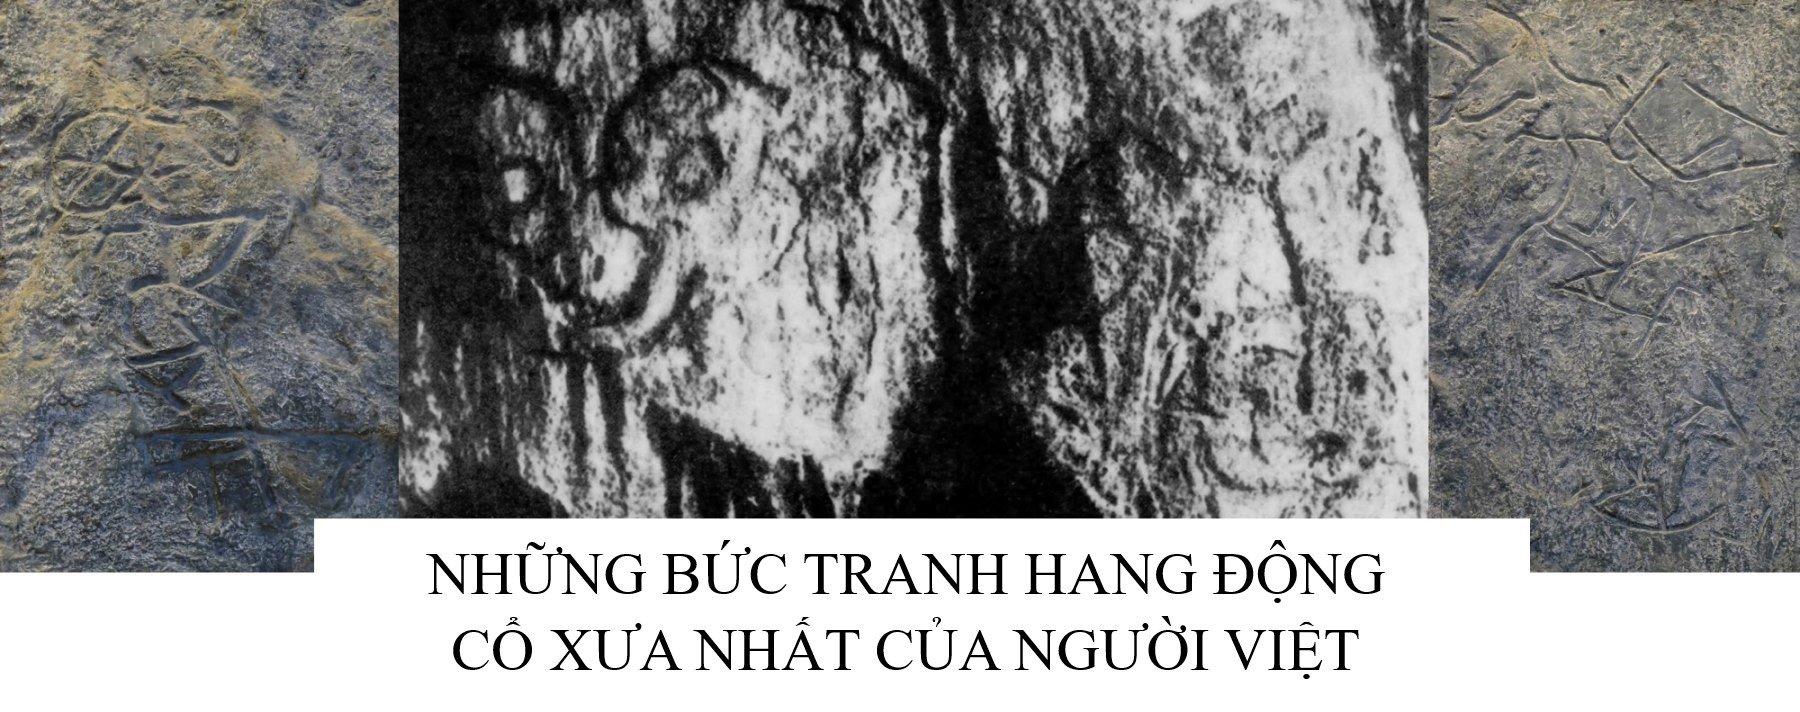 Những bức tranh hang động cổ xưa nhất của người Việt